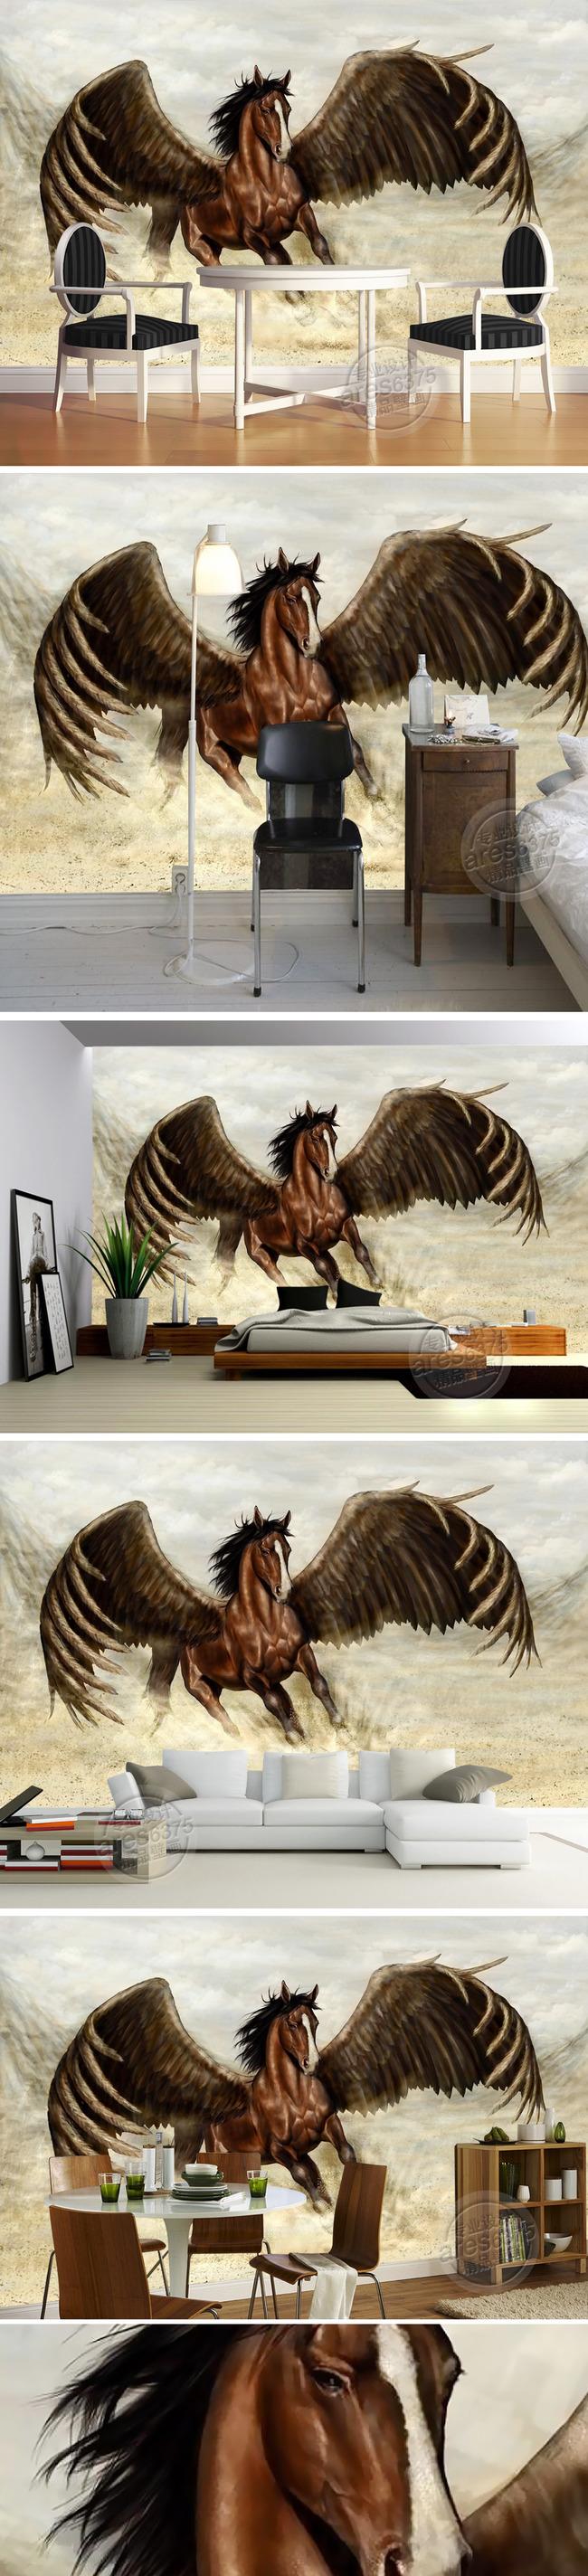 手绘油画飞马独角兽壁画电视背景墙